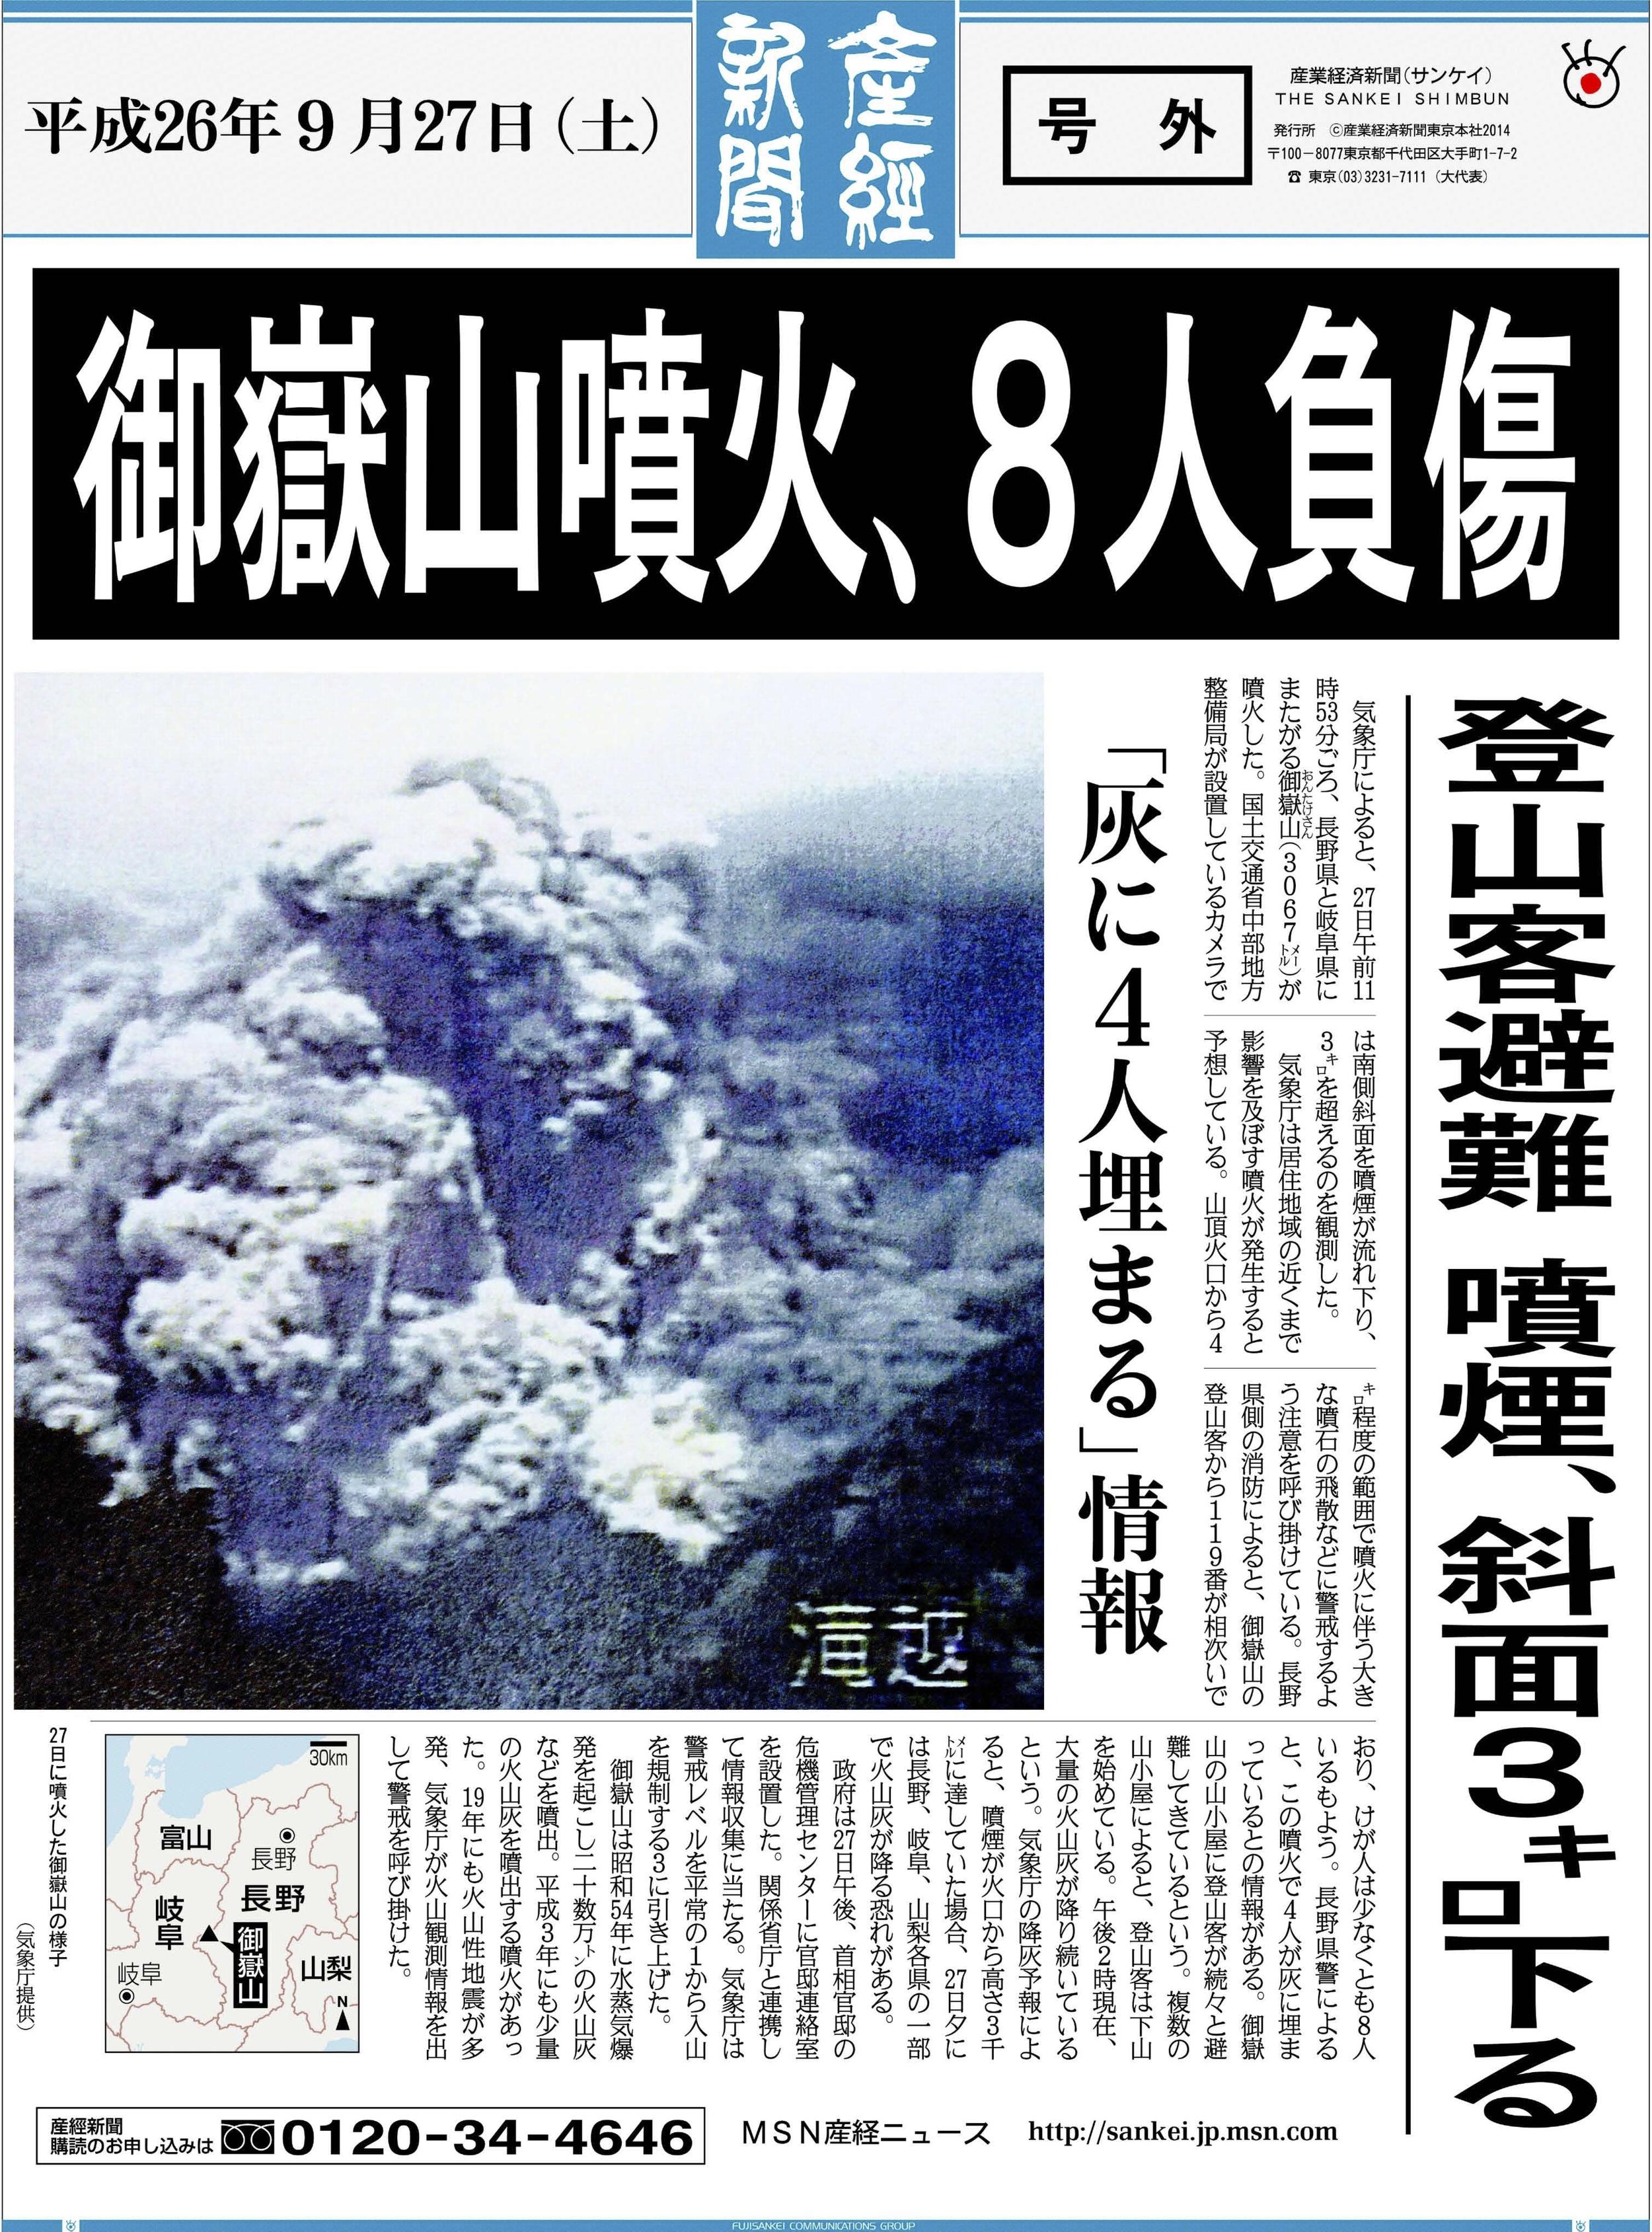 © 産経新聞